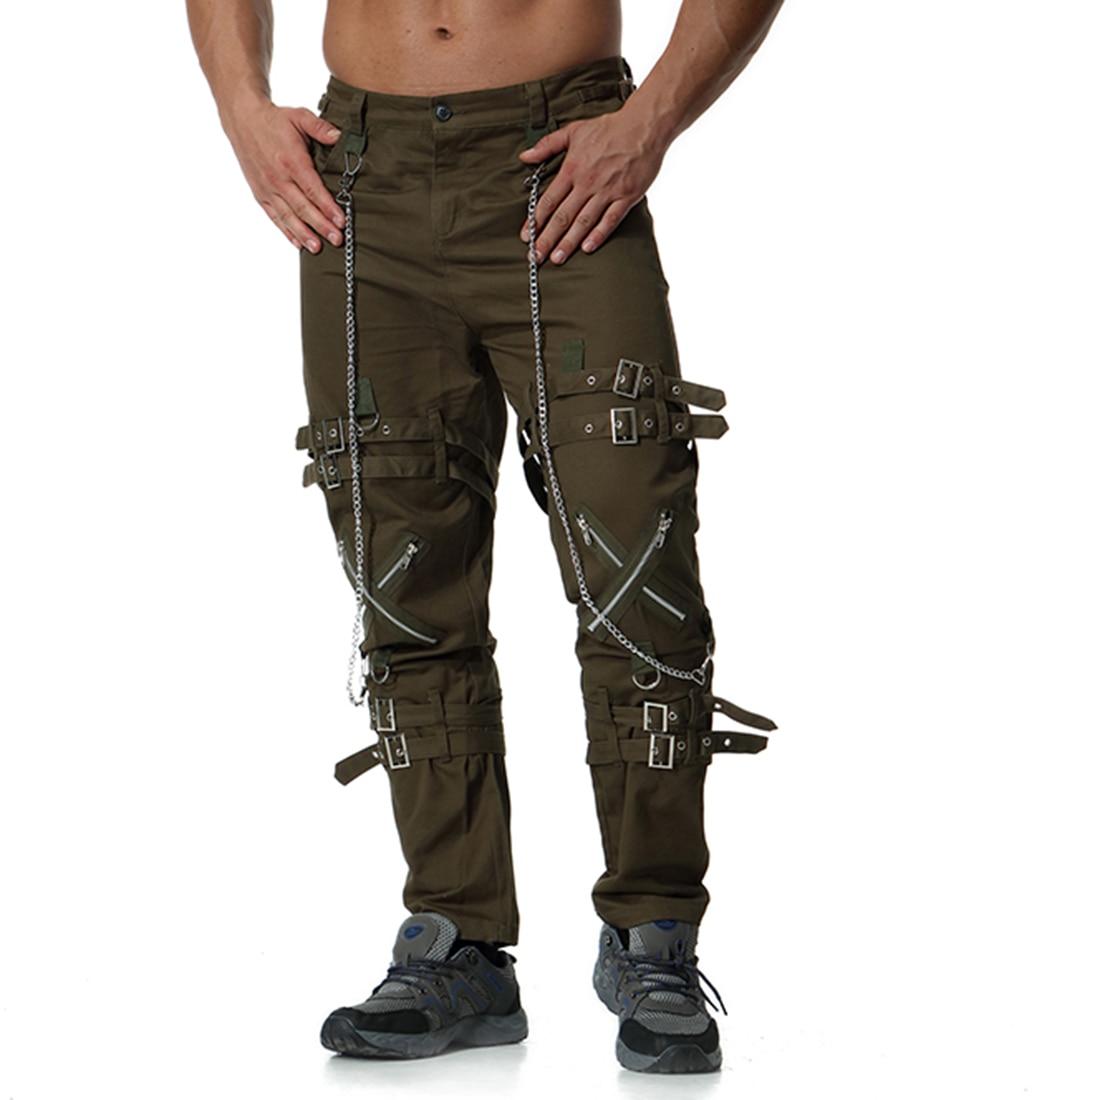 Mannen broek streetwear joggers joggingbroek broek mannen pantalon hombre hip hop jogger camouflage tactische cargo broek militaire - 3